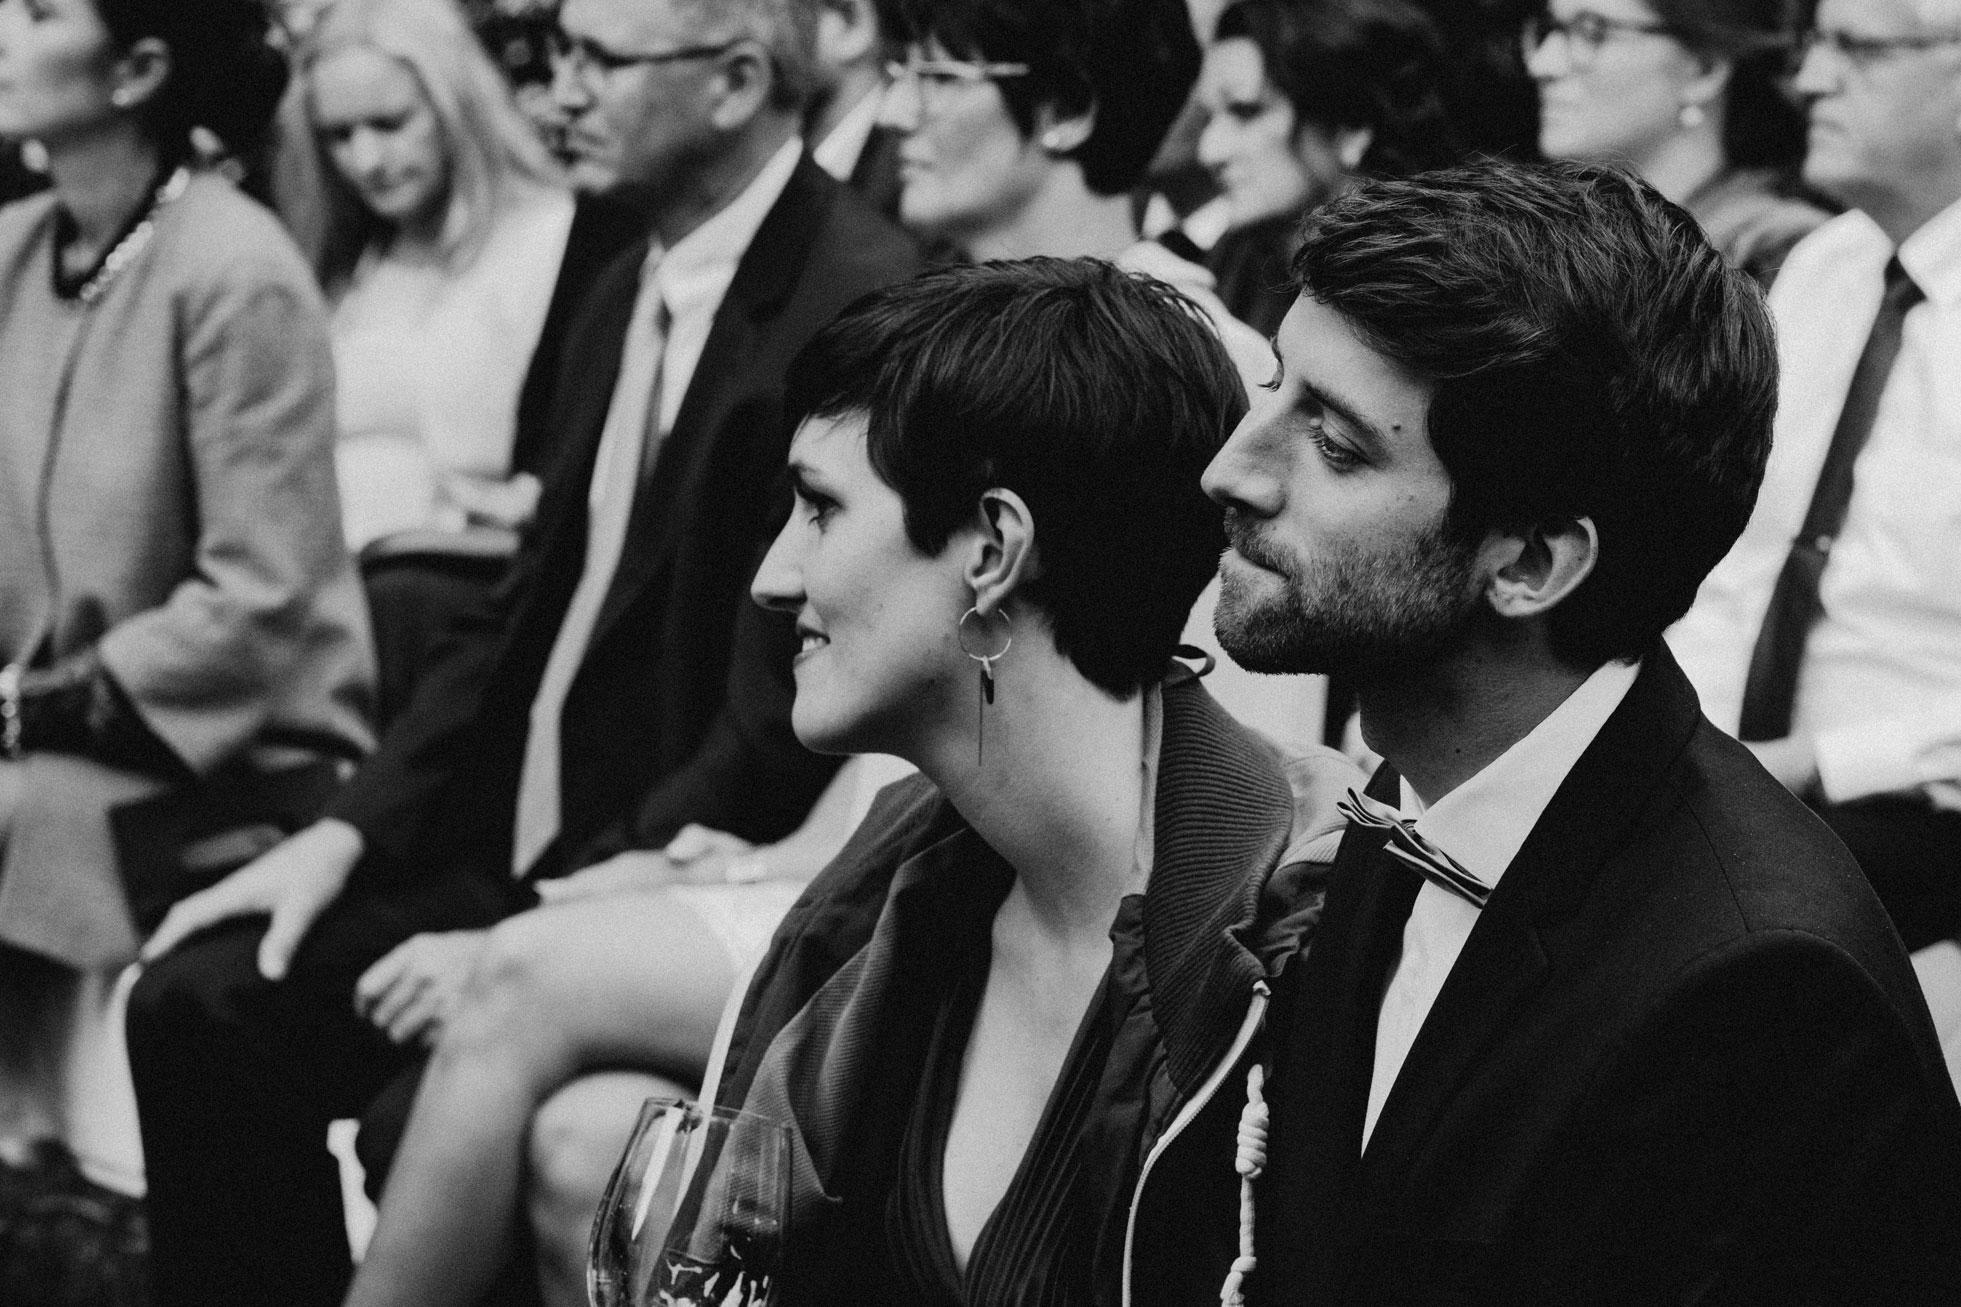 Hochzeit_Claire_Manuel_Villa_Maund_Daniel_Jenny-225.jpg